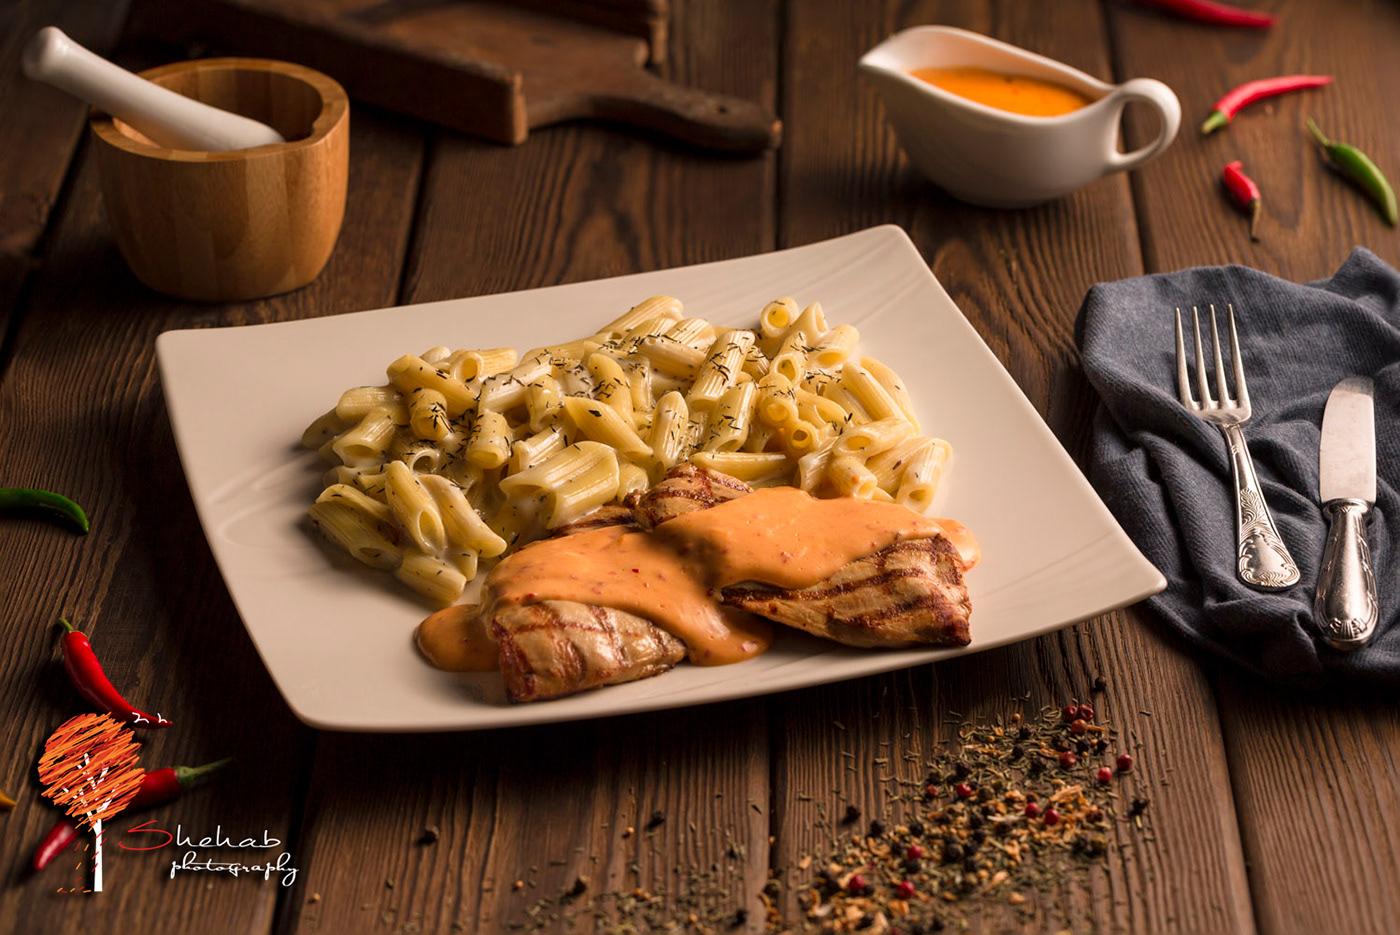 Stereo Restaurant & Café / фото Shehab Shehab